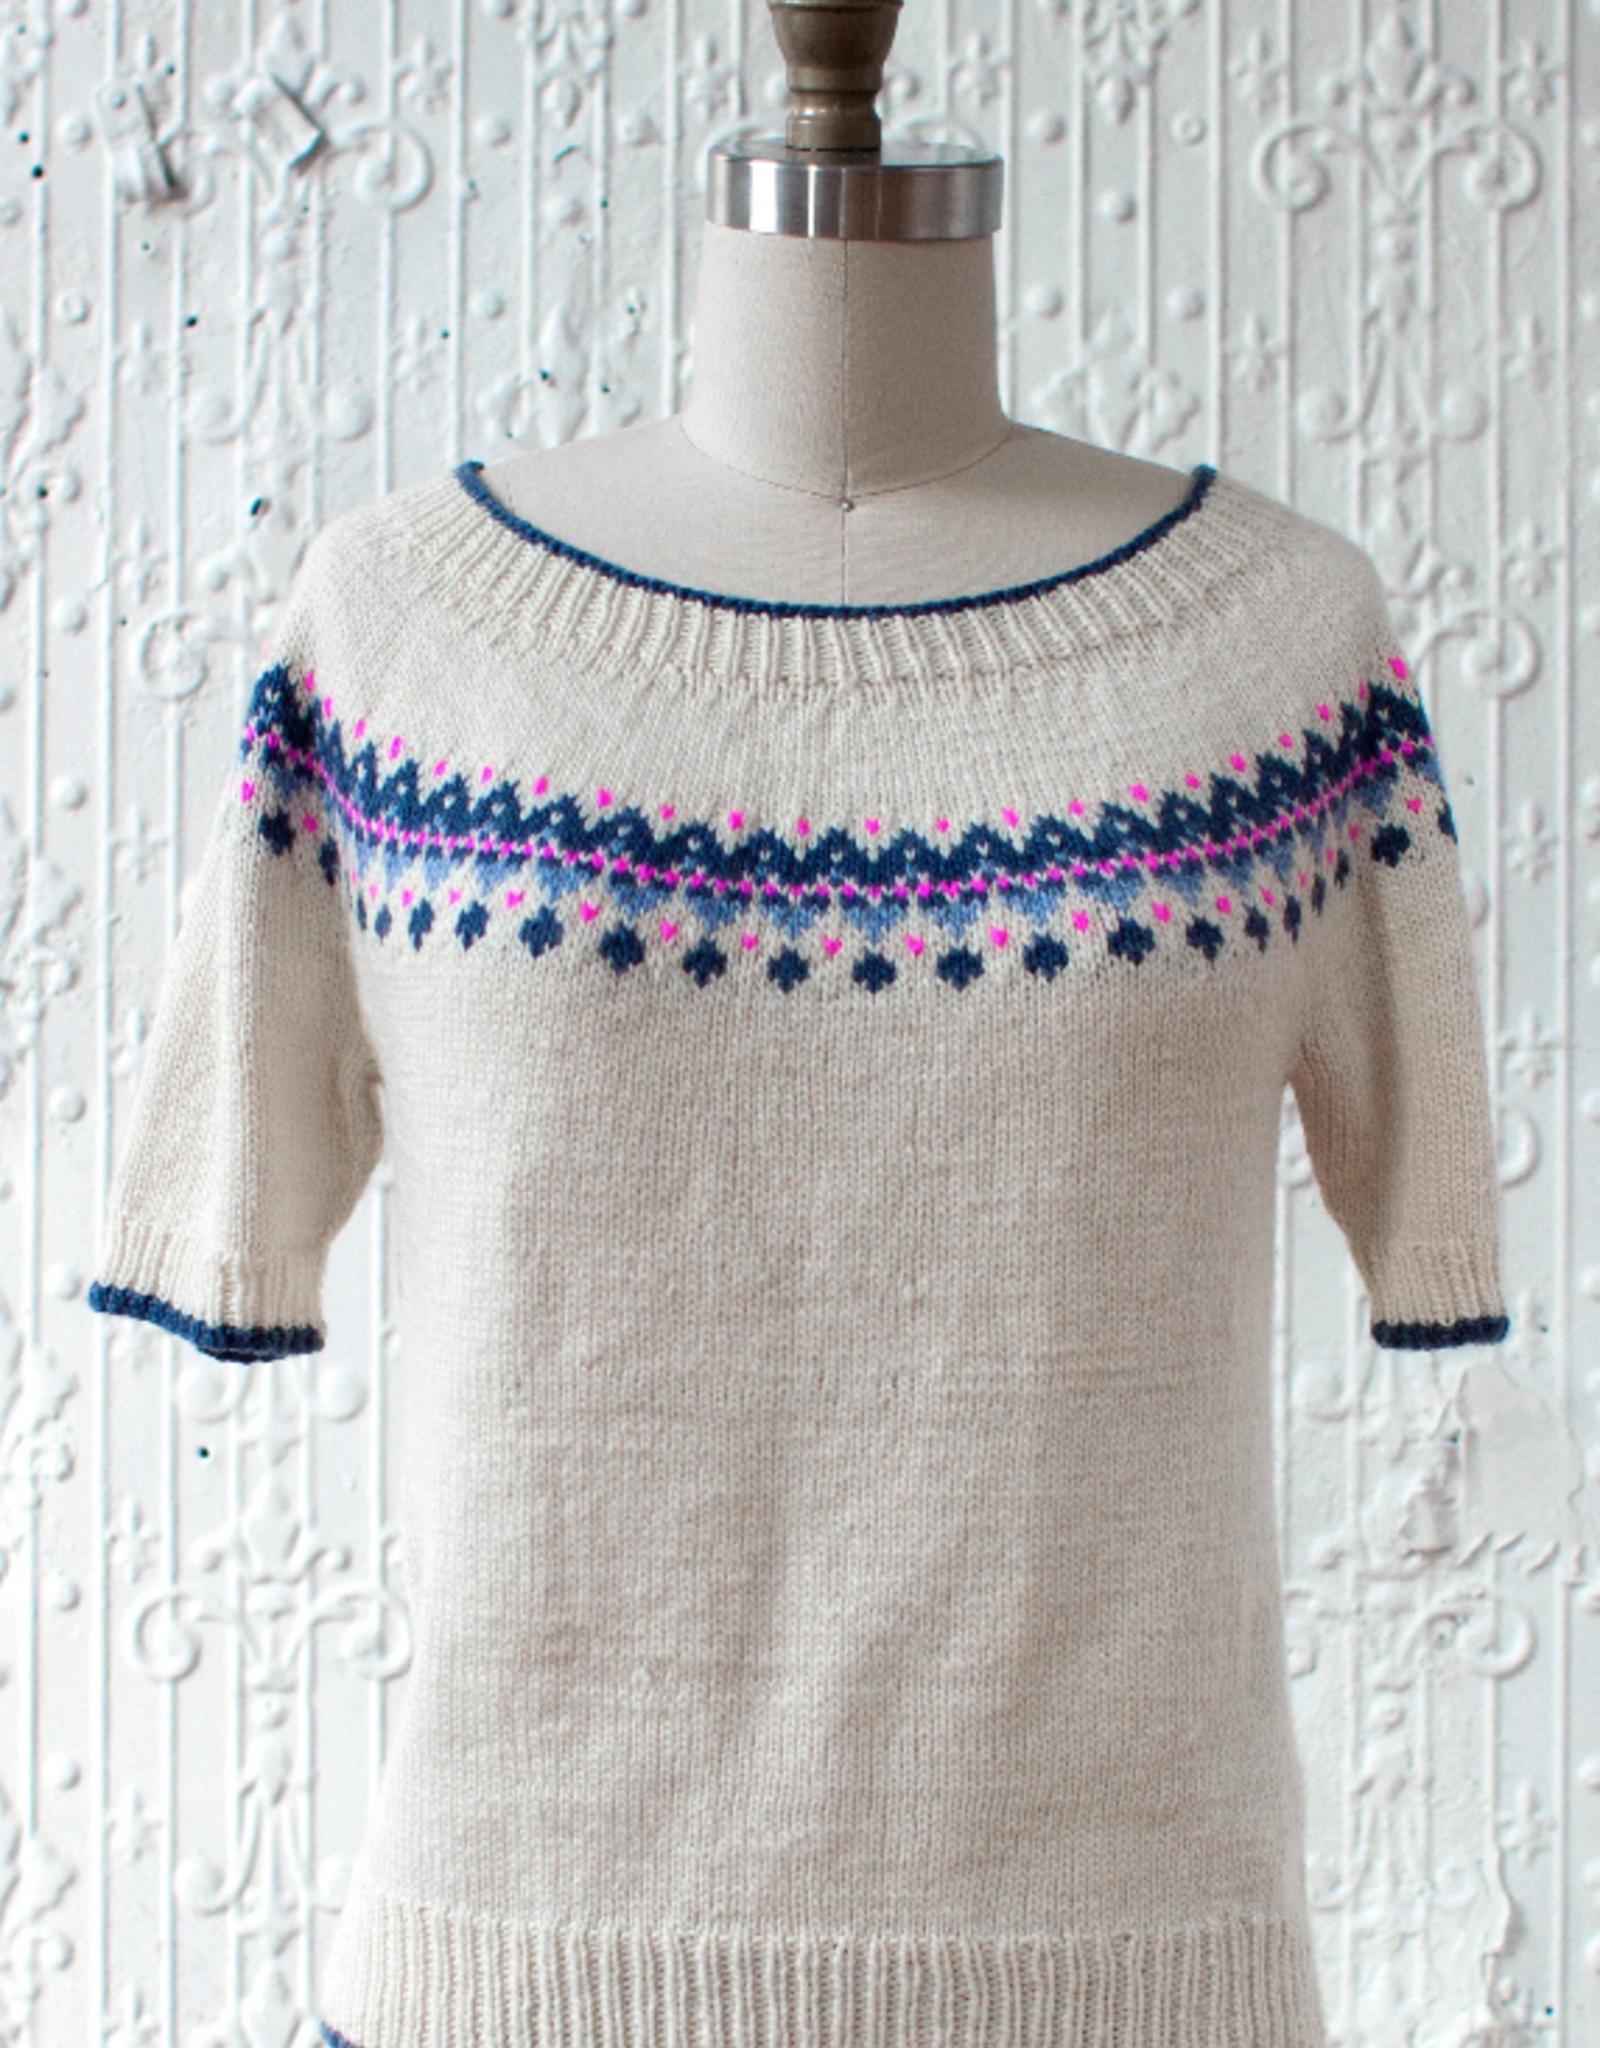 Manos Del Uruguay Guirnalda Sweater Pattern  in Manos Silk Blend